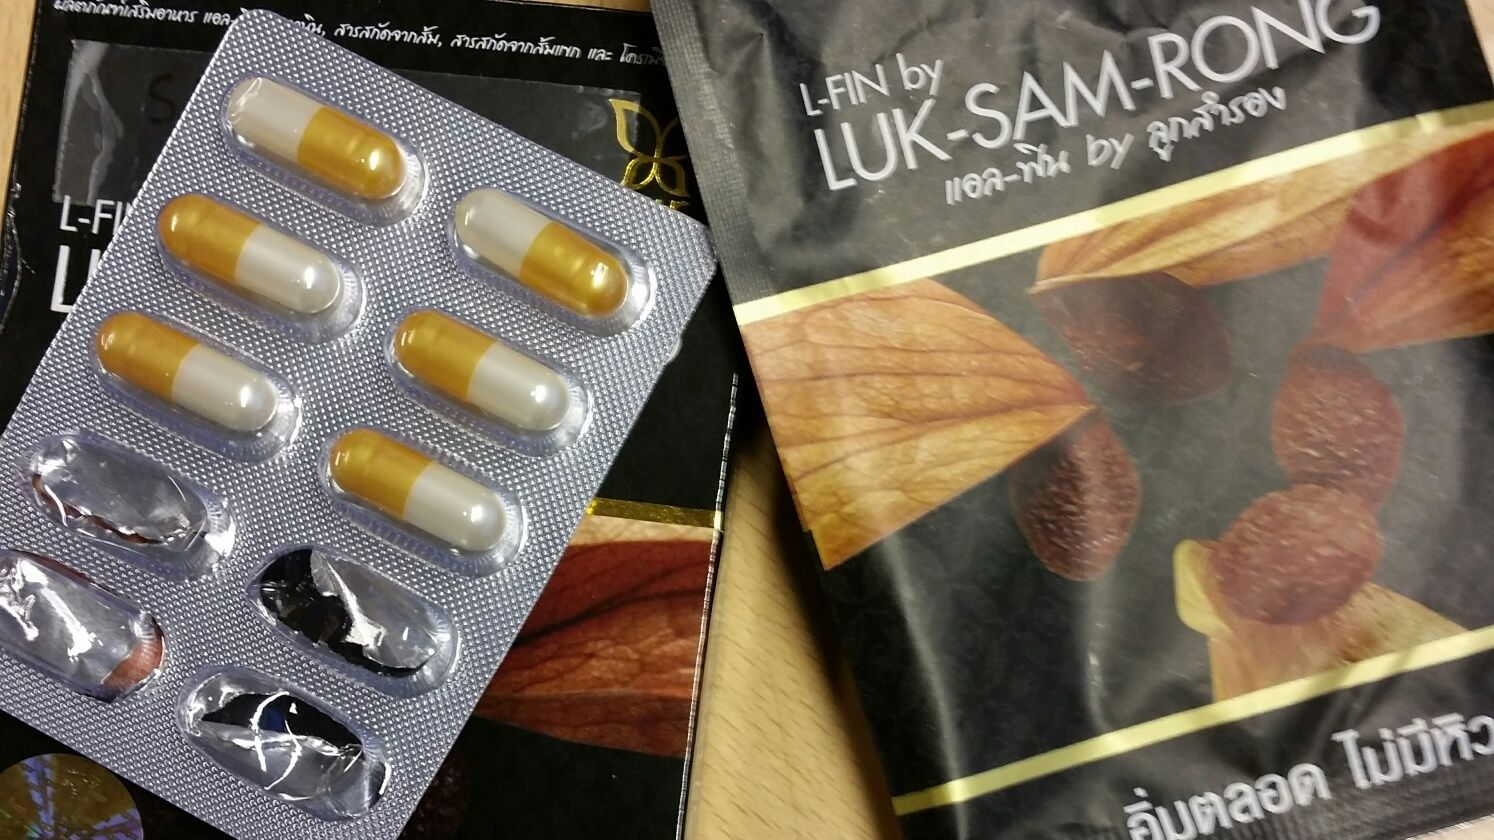 INNEHOLDER HELSESKADELIGE STOFFER: Legemiddelverket fant ulovlige stoffer som kan gi alvorlige hjertebivirkninger i dette slankemiddelet.